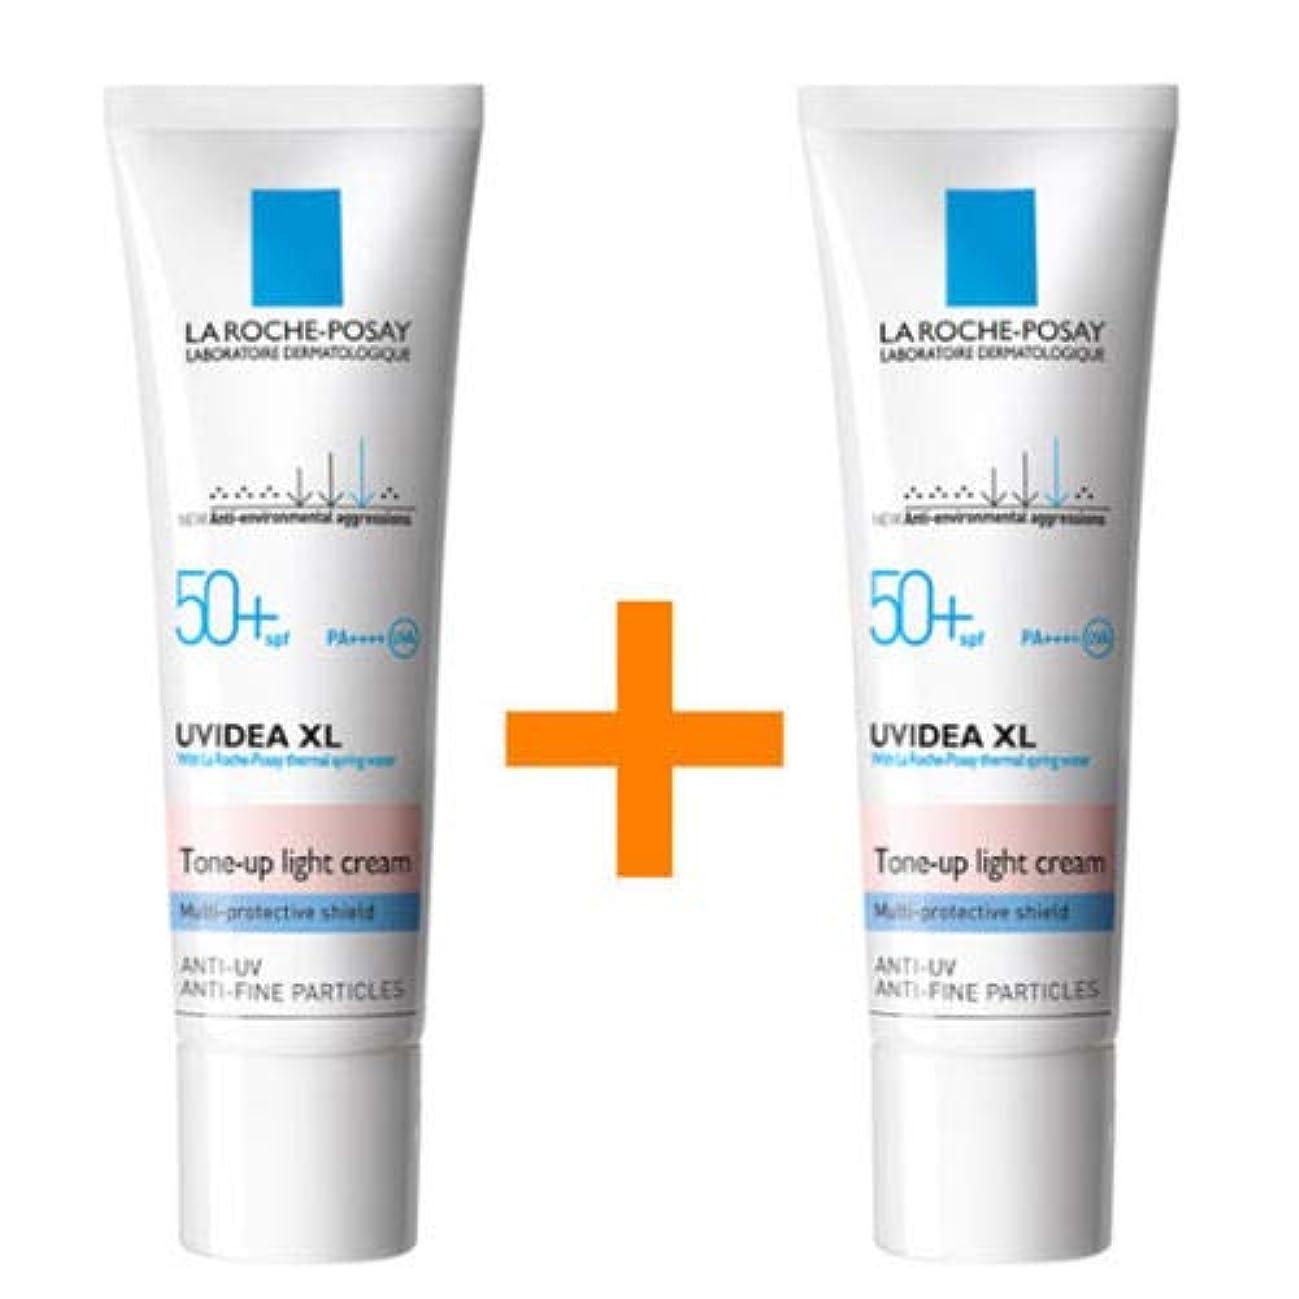 試してみる相互接続保持する[1+1] La Roche-Posay ラロッシュポゼ UVイデア XL プロテクショントーンアップ Uvidea XL Tone-up Light Cream (30ml)